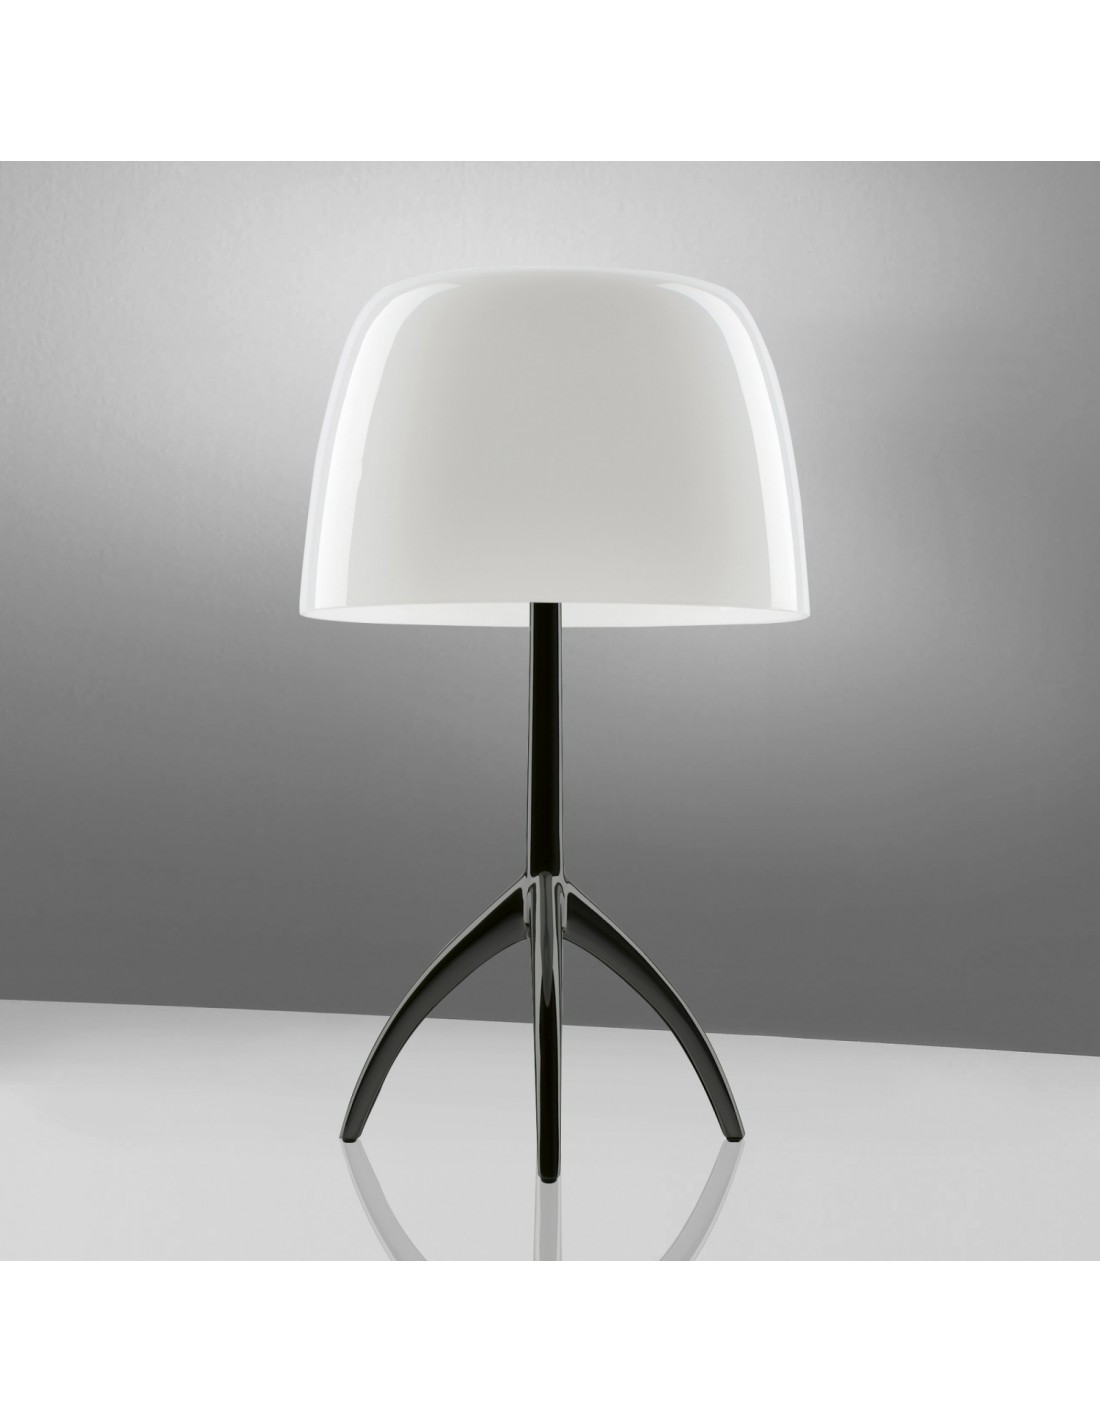 Lampe de table Lumière 05 Piccola Chrome noir blanc